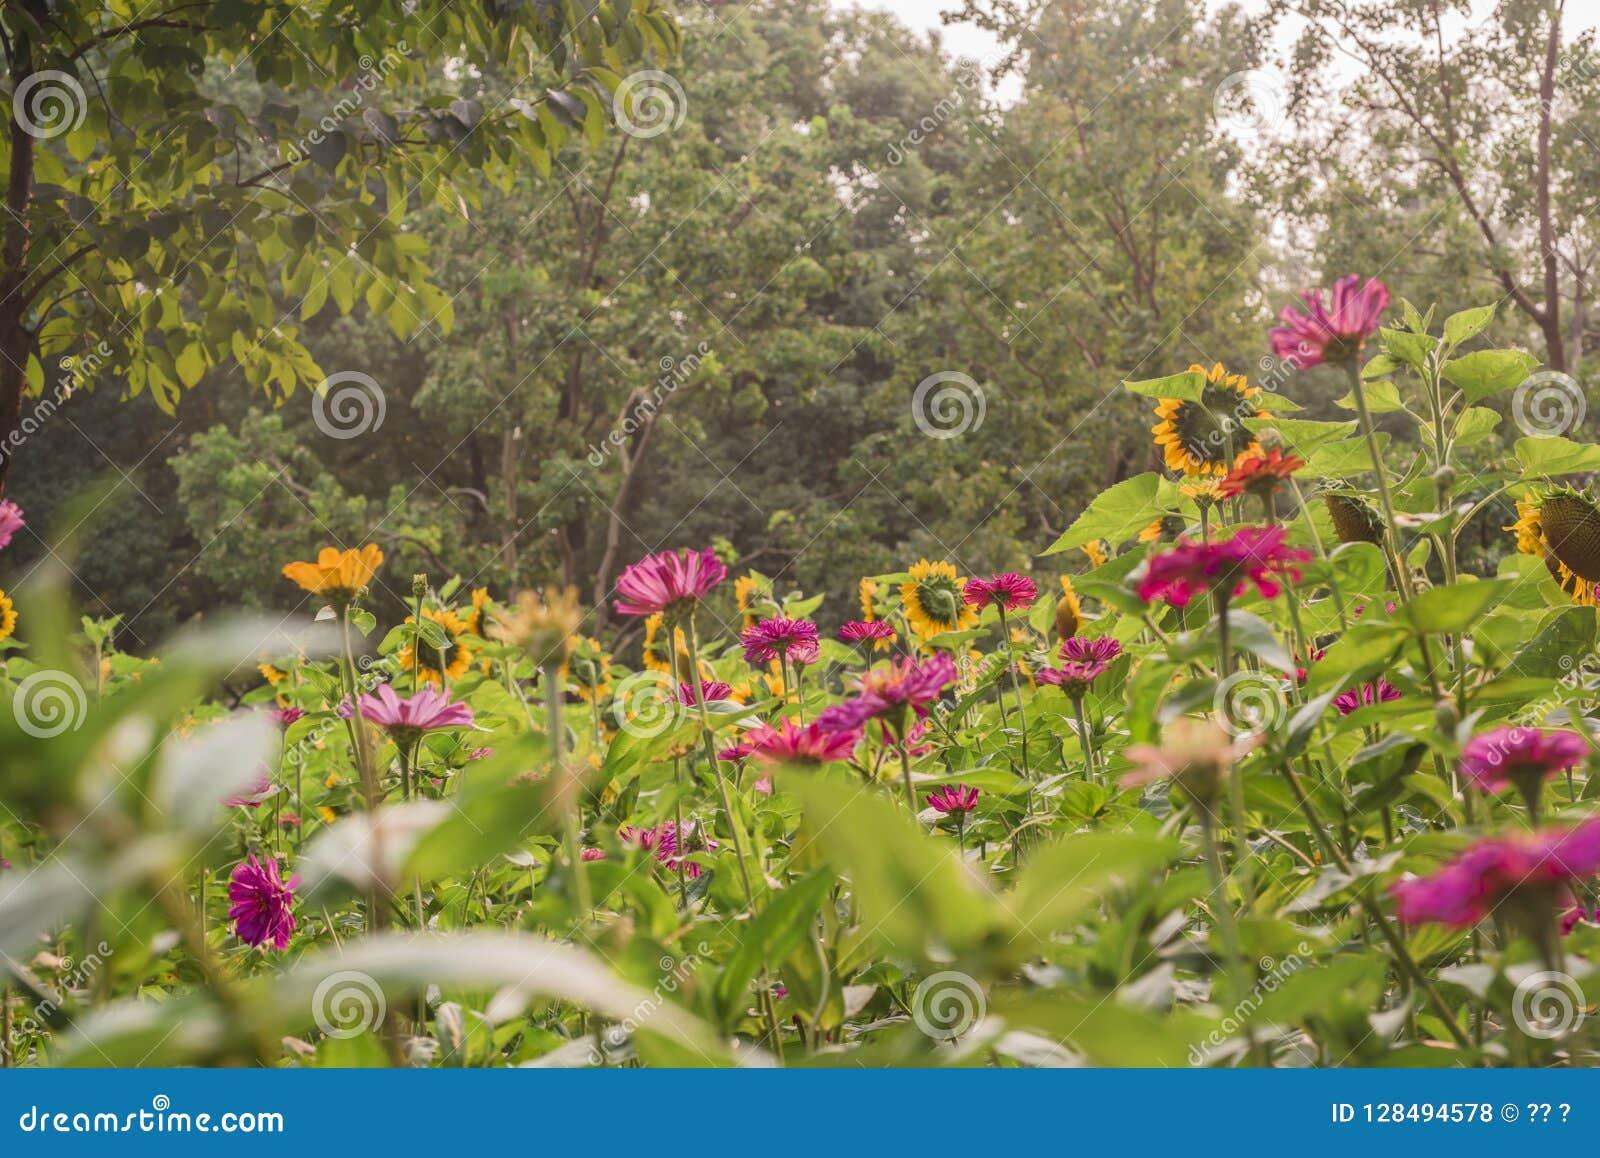 Przedpole jest słonecznikowym kwiatu tłem jest zielonym drzewem